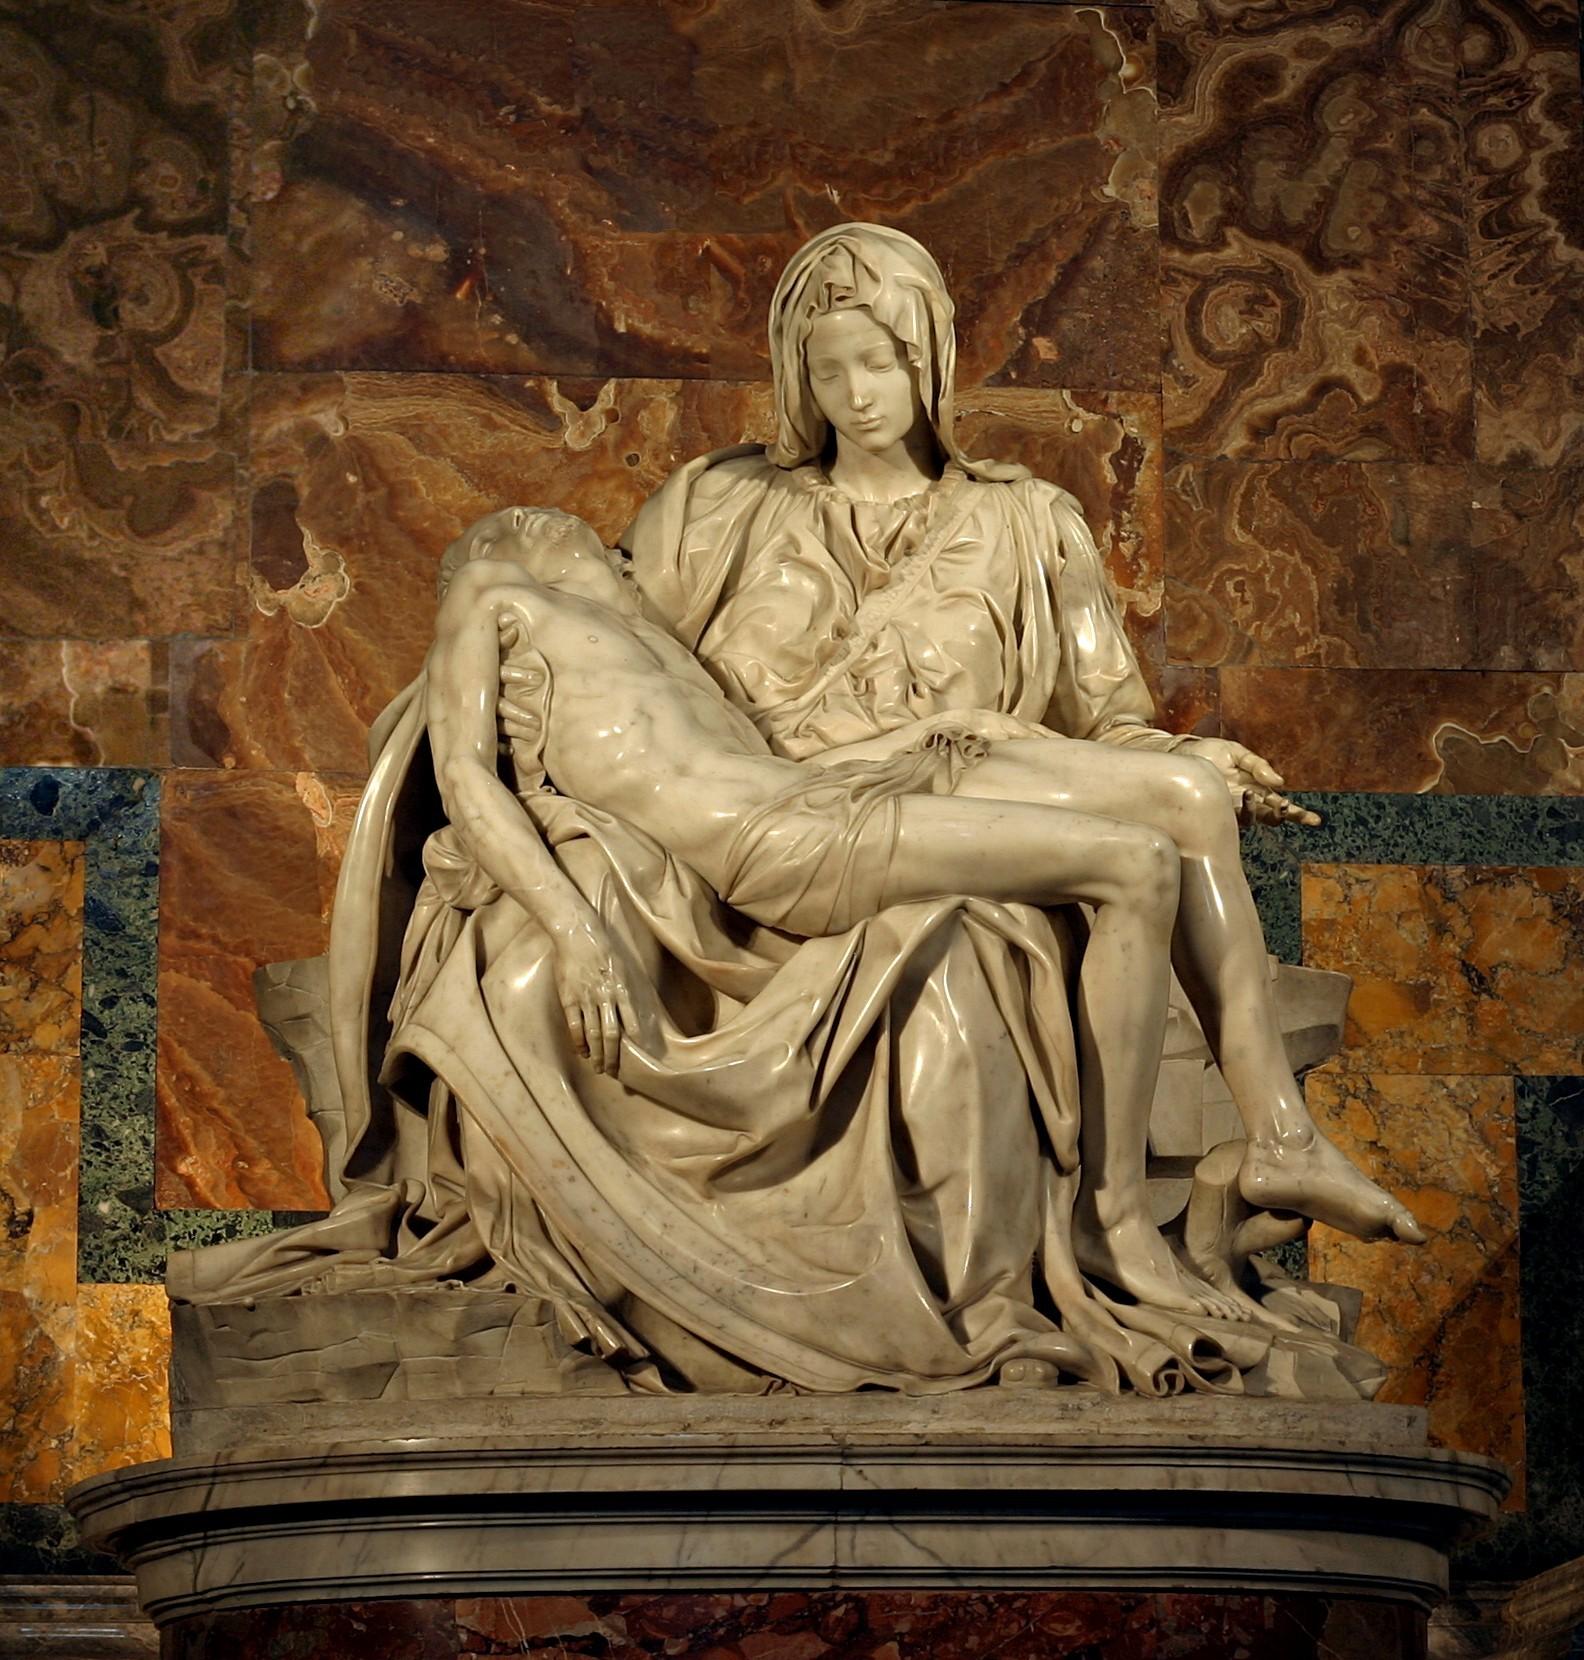 Michelangelo's Pieta - image from wikipedia:https://en.wikipedia.org/wiki/Piet%C3%A0